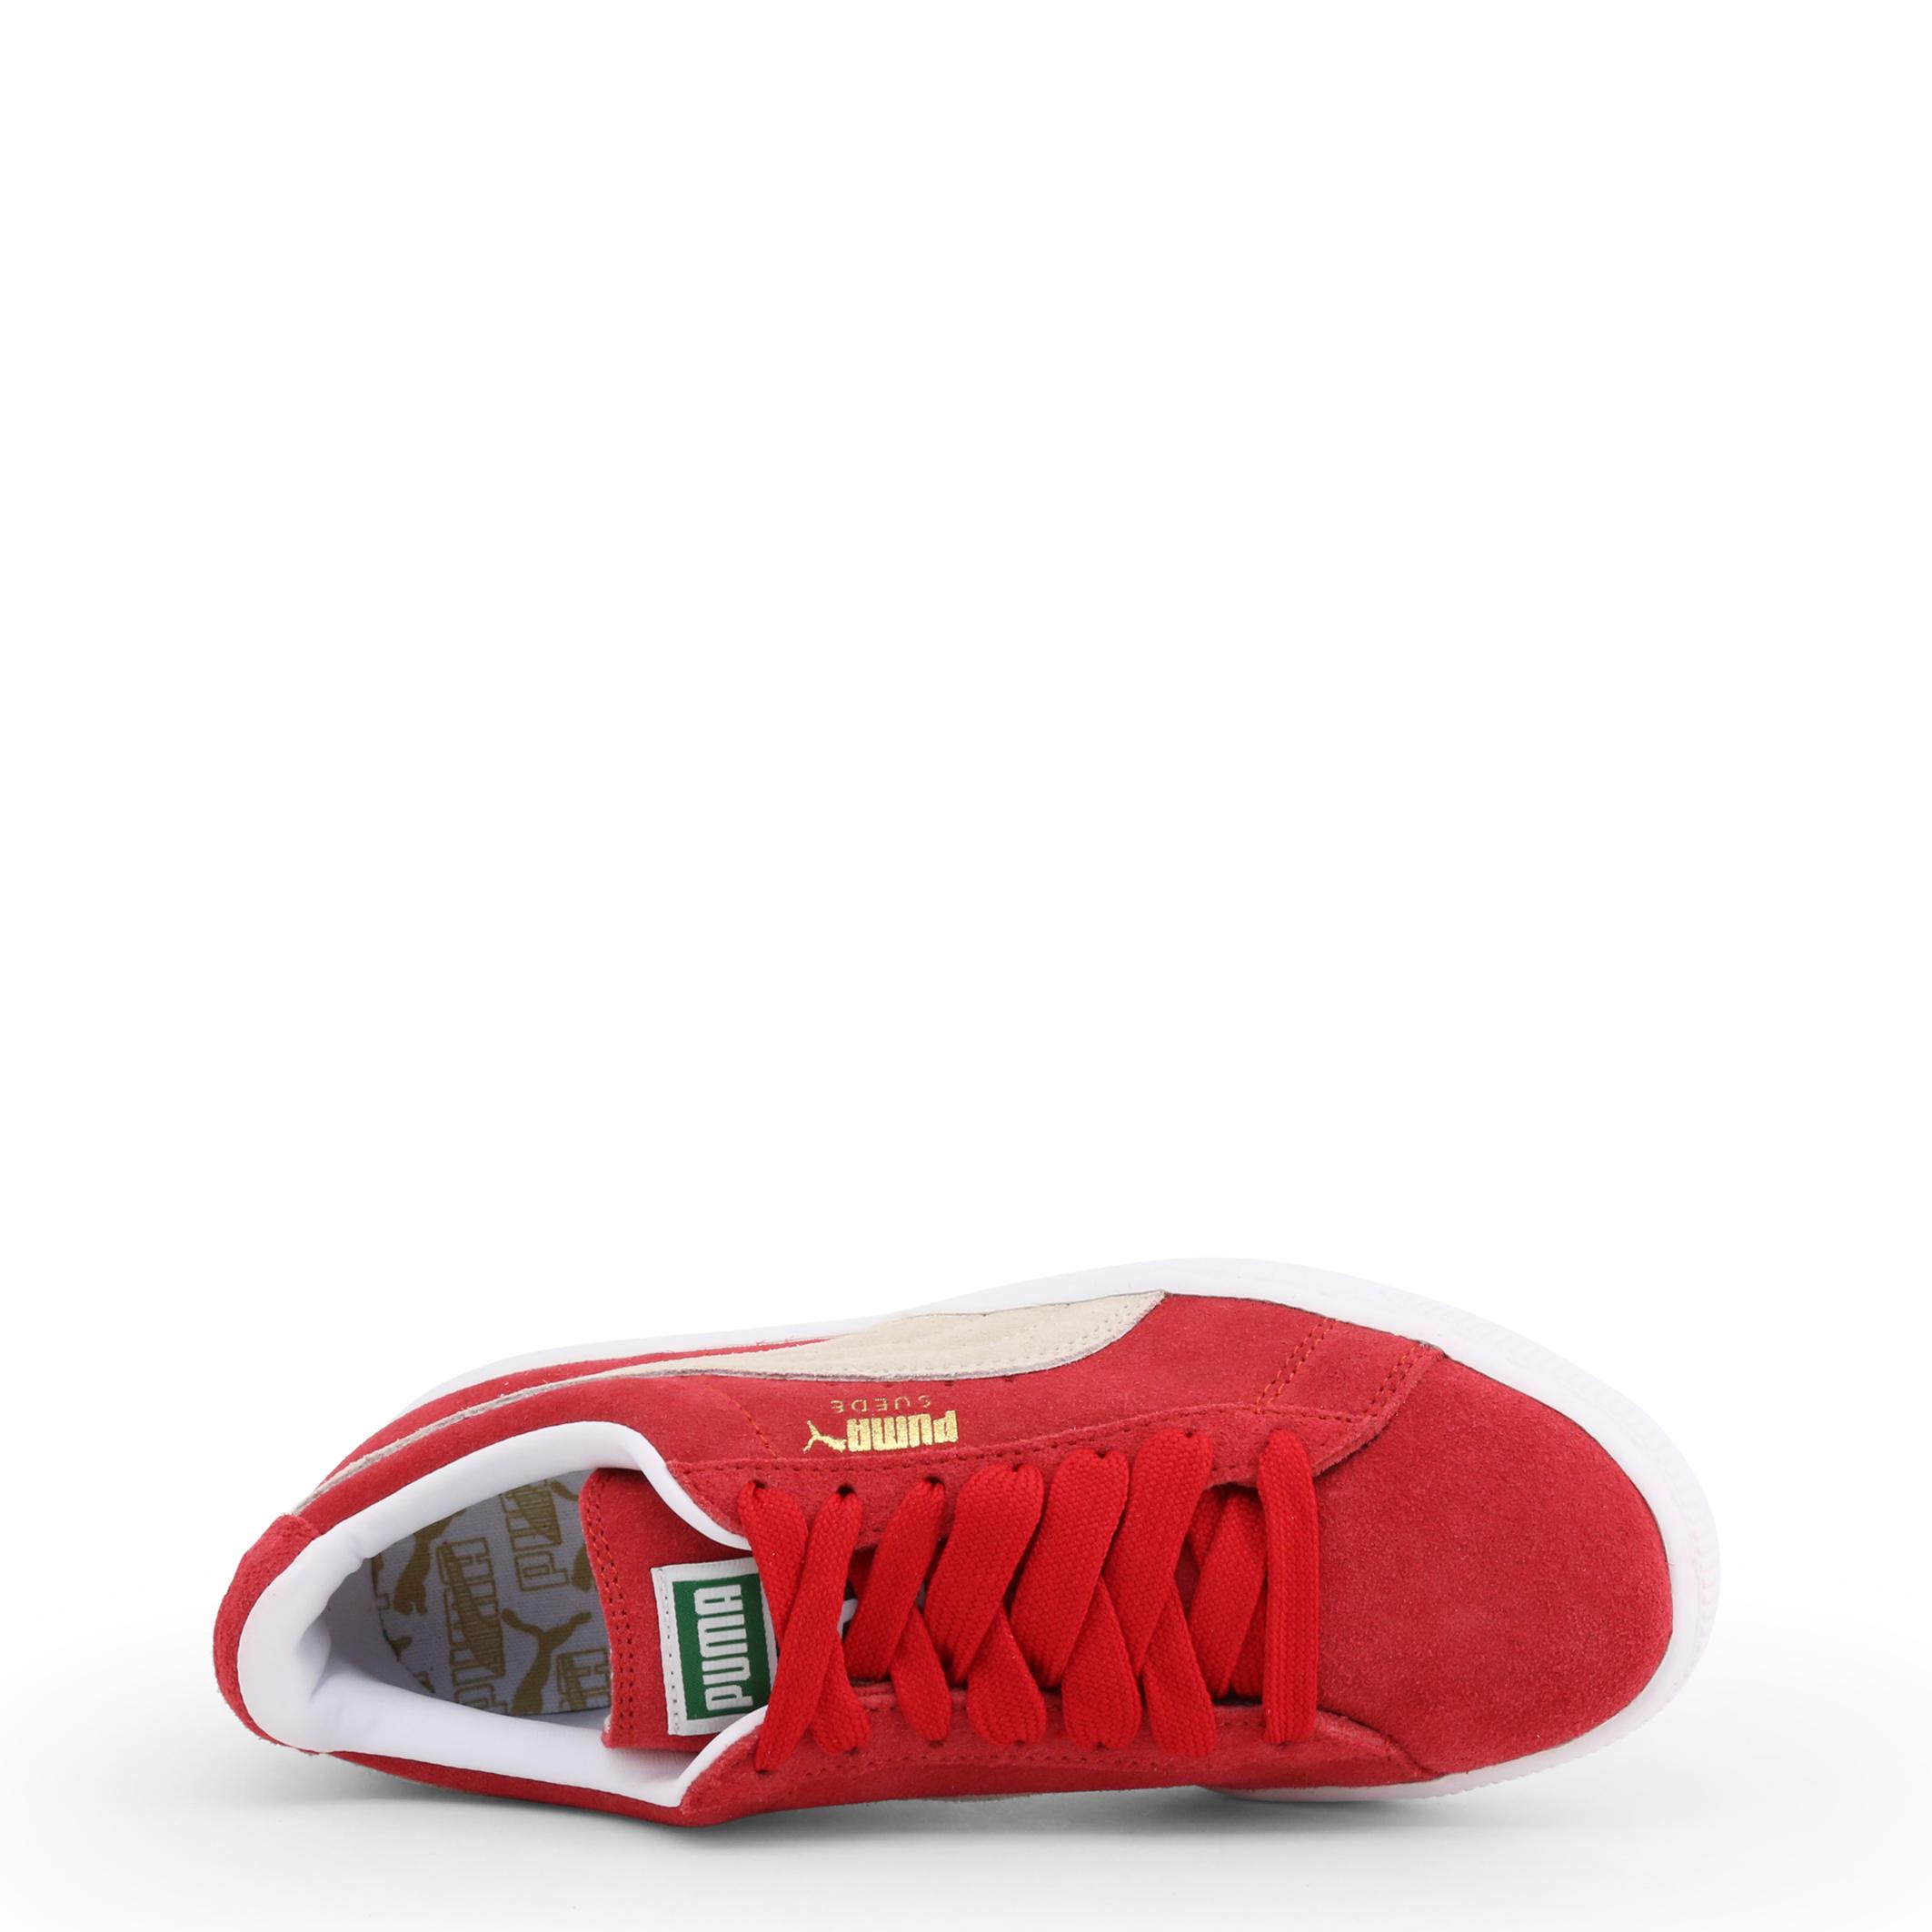 Baskets / Sport  Puma 927315-05_SuedeClassic pink